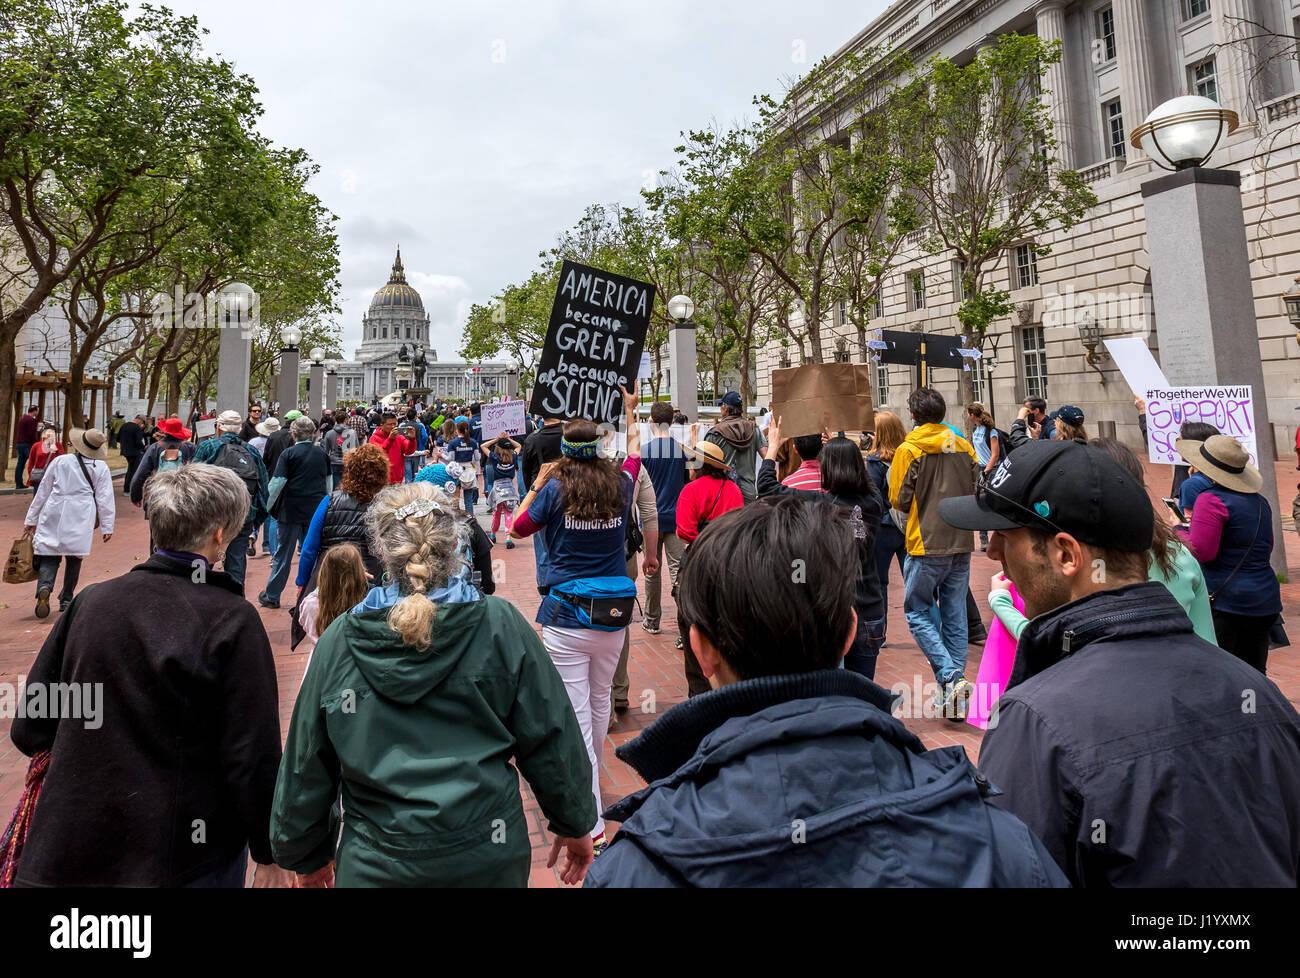 San Francisco, Californie, USA. 22 avril, 2017. Le jour de la Terre approche marcheurs San Francisco City Hall et Photo Stock